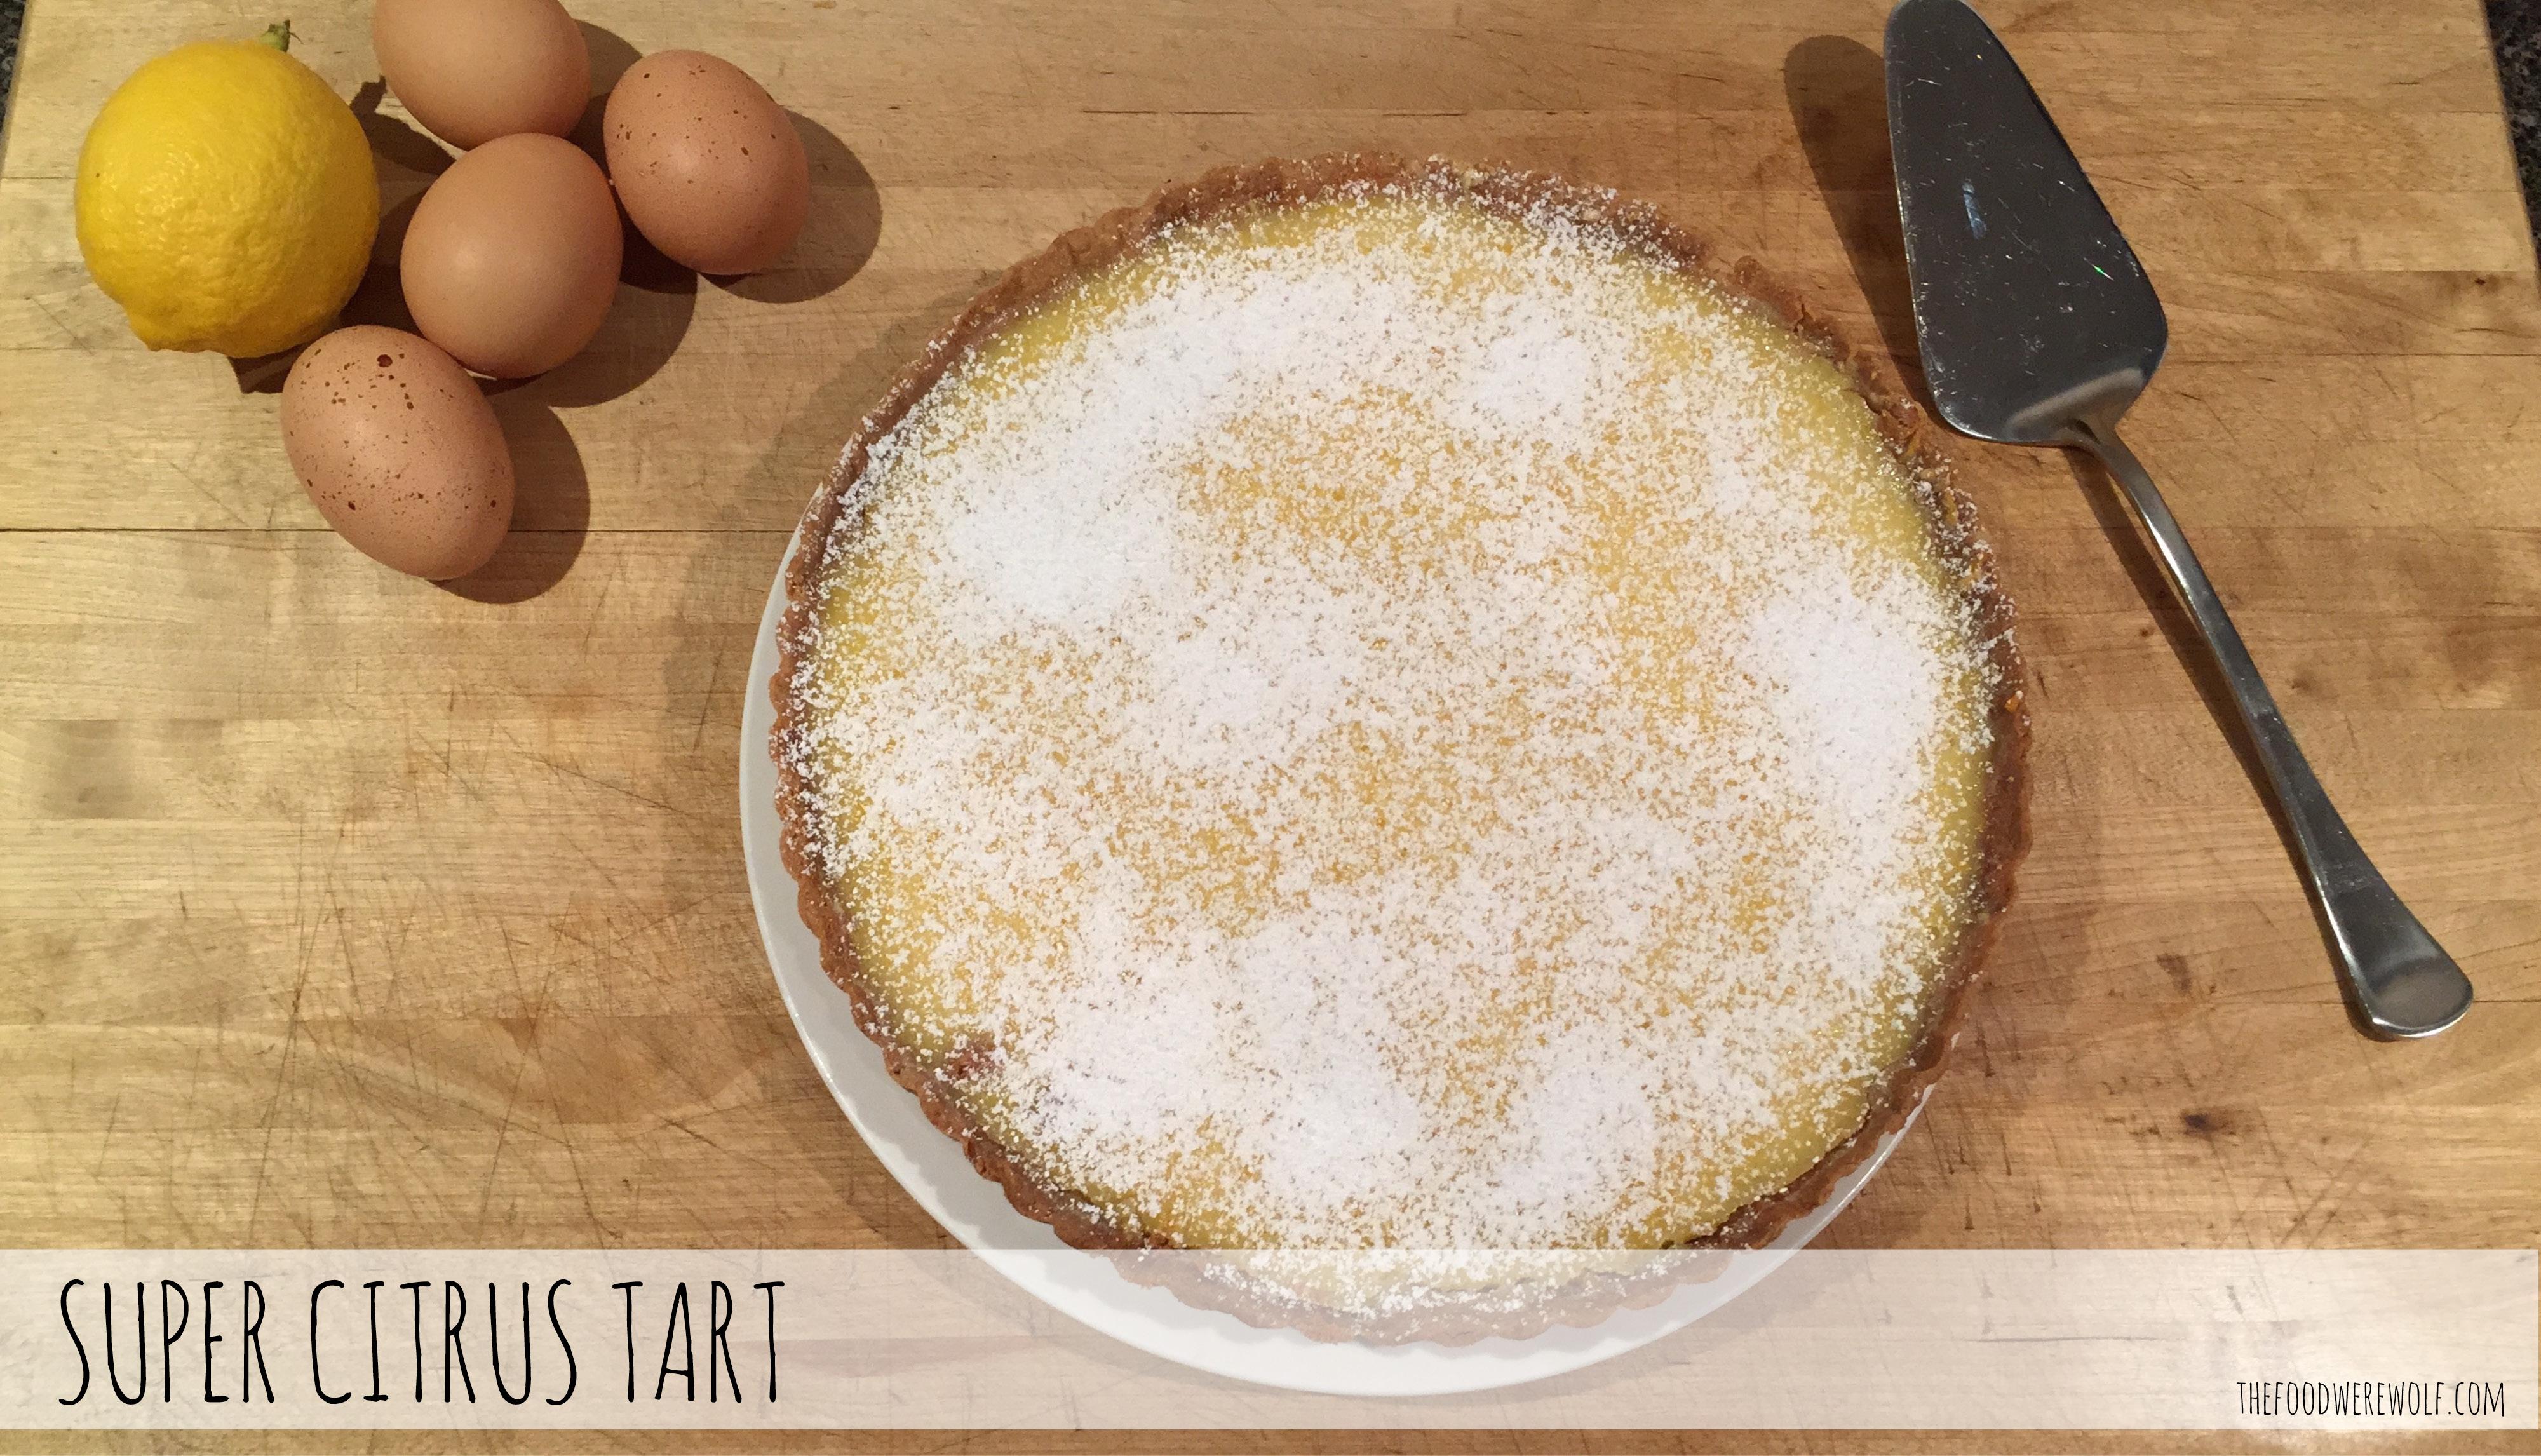 citrus recipes image 2